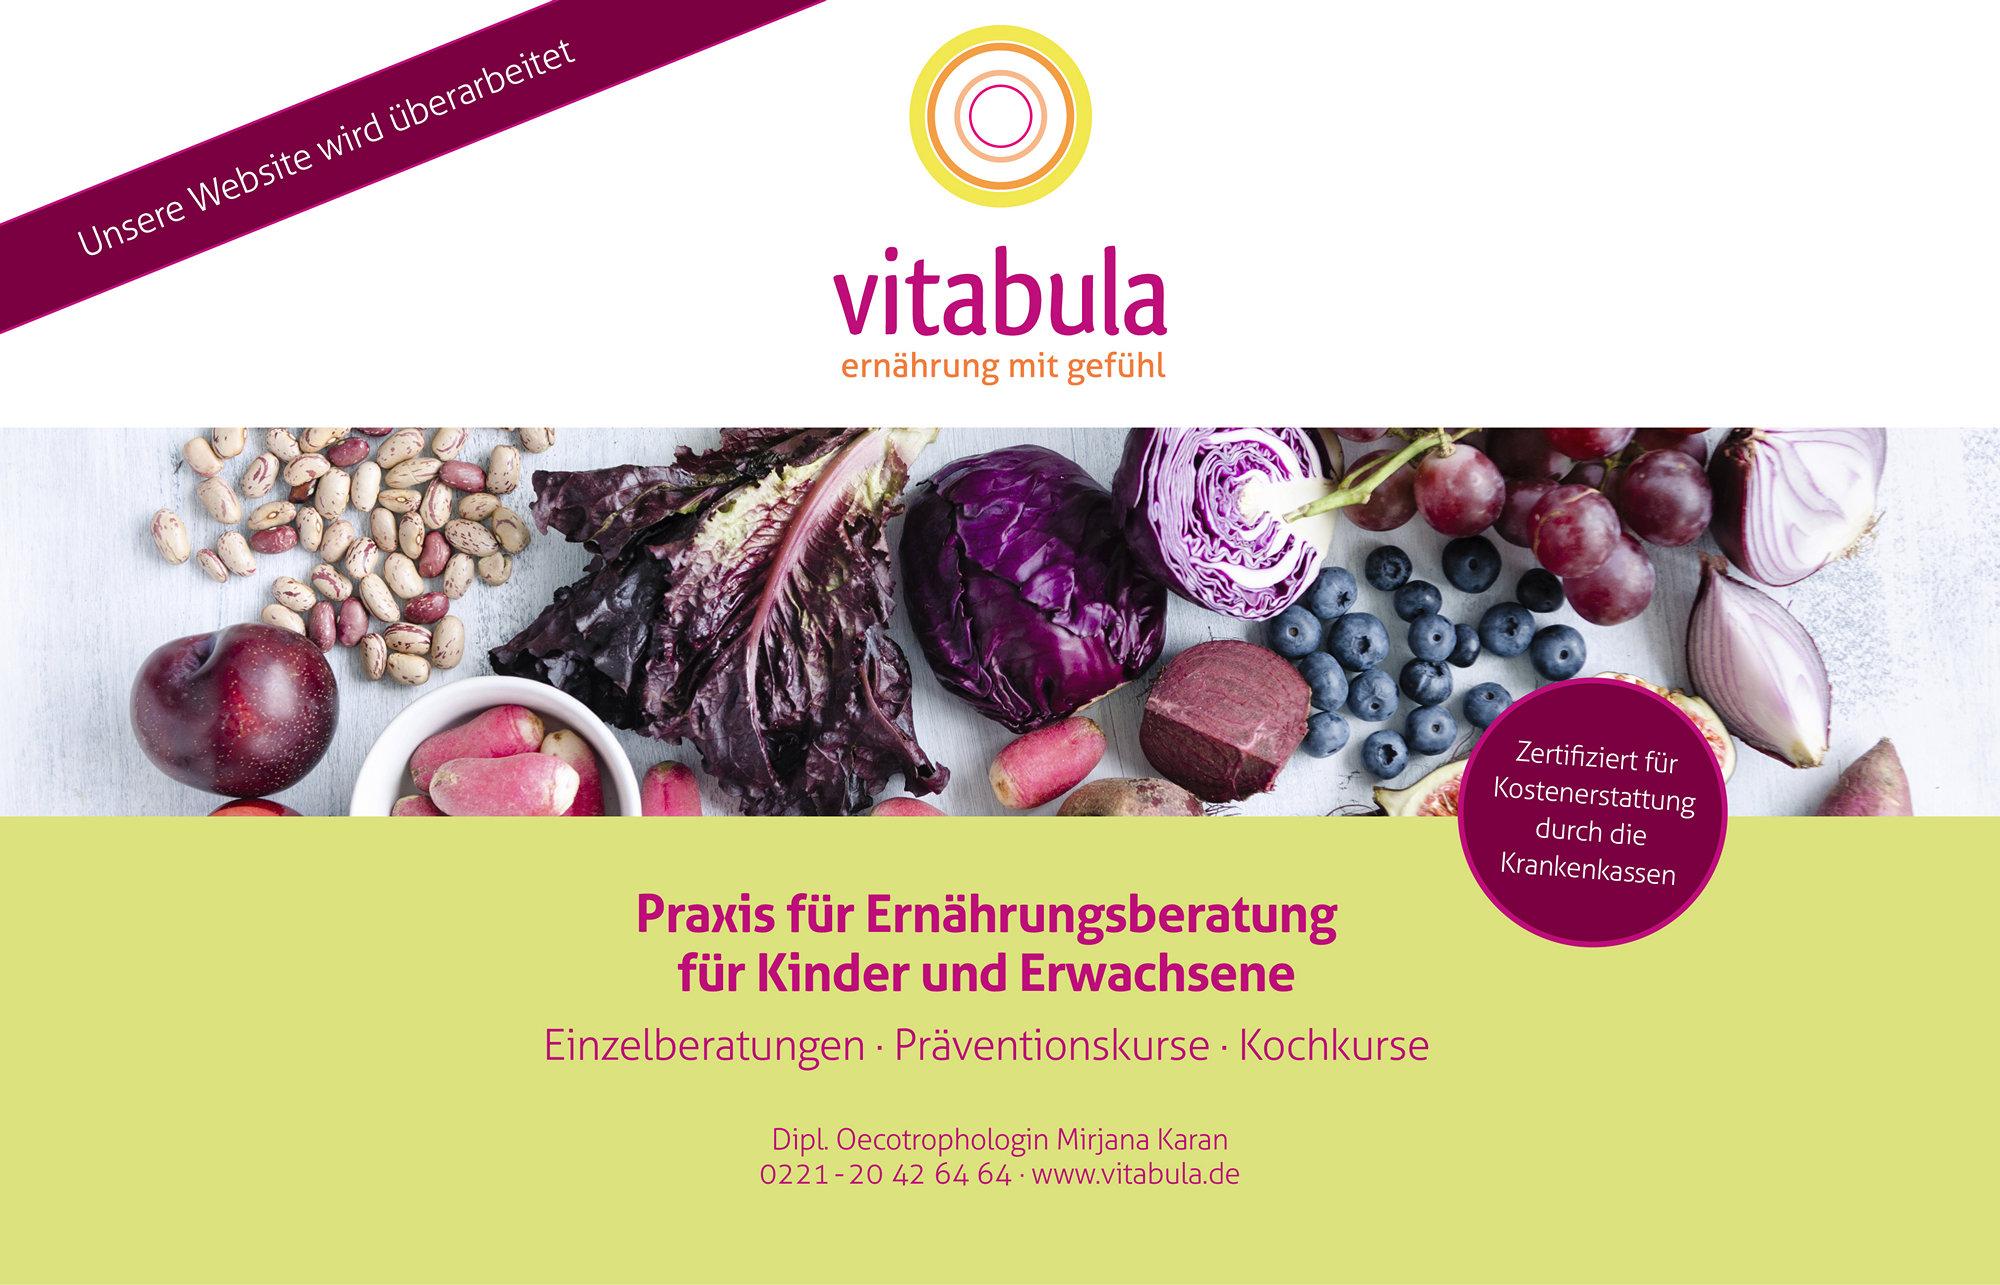 vitabula - Ernährung mit Gefühl